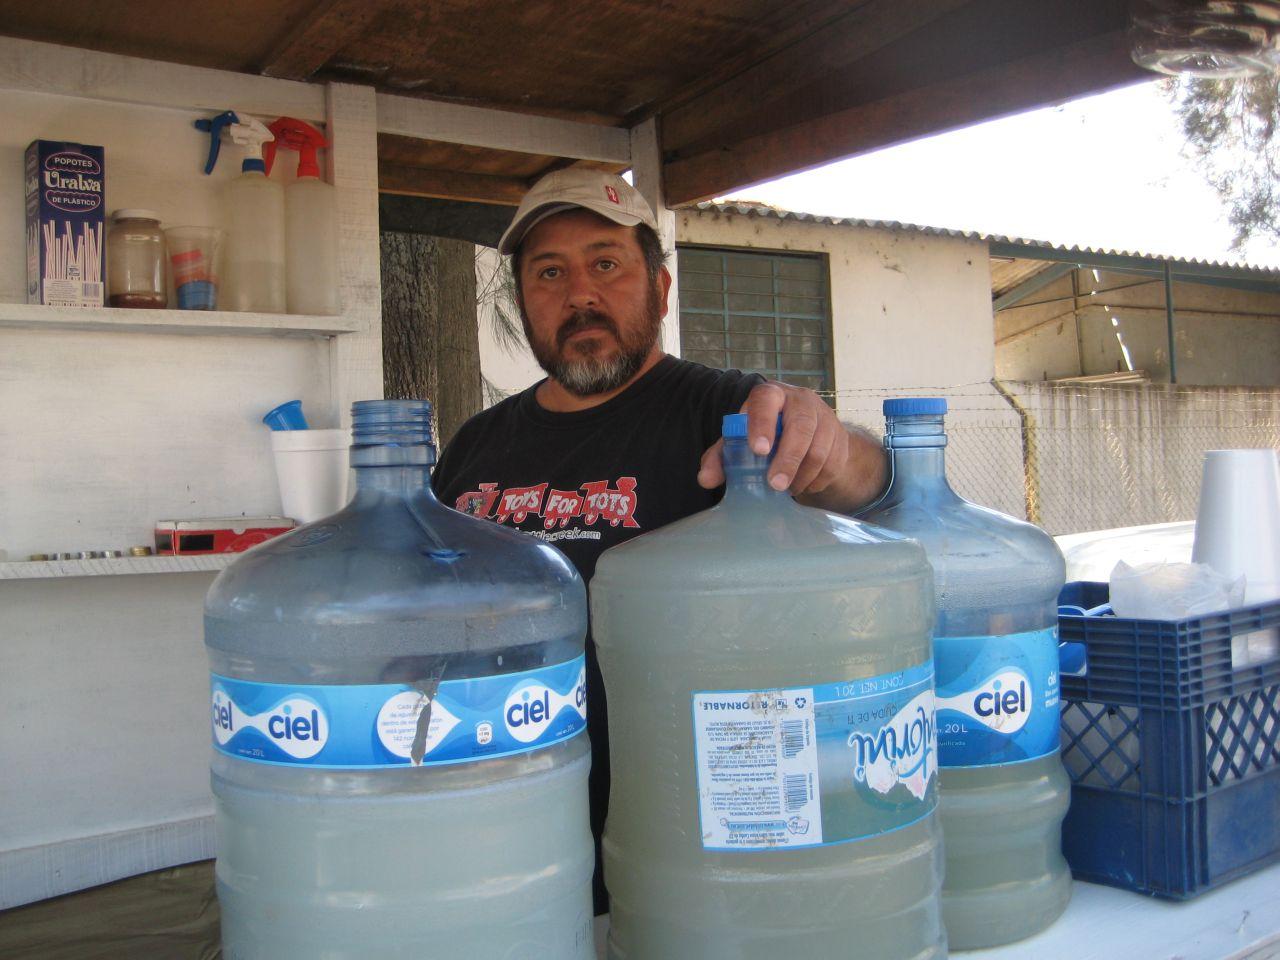 acido urico elevado remedios naturales la naranja es mala para la gota herbalife es bueno para el acido urico